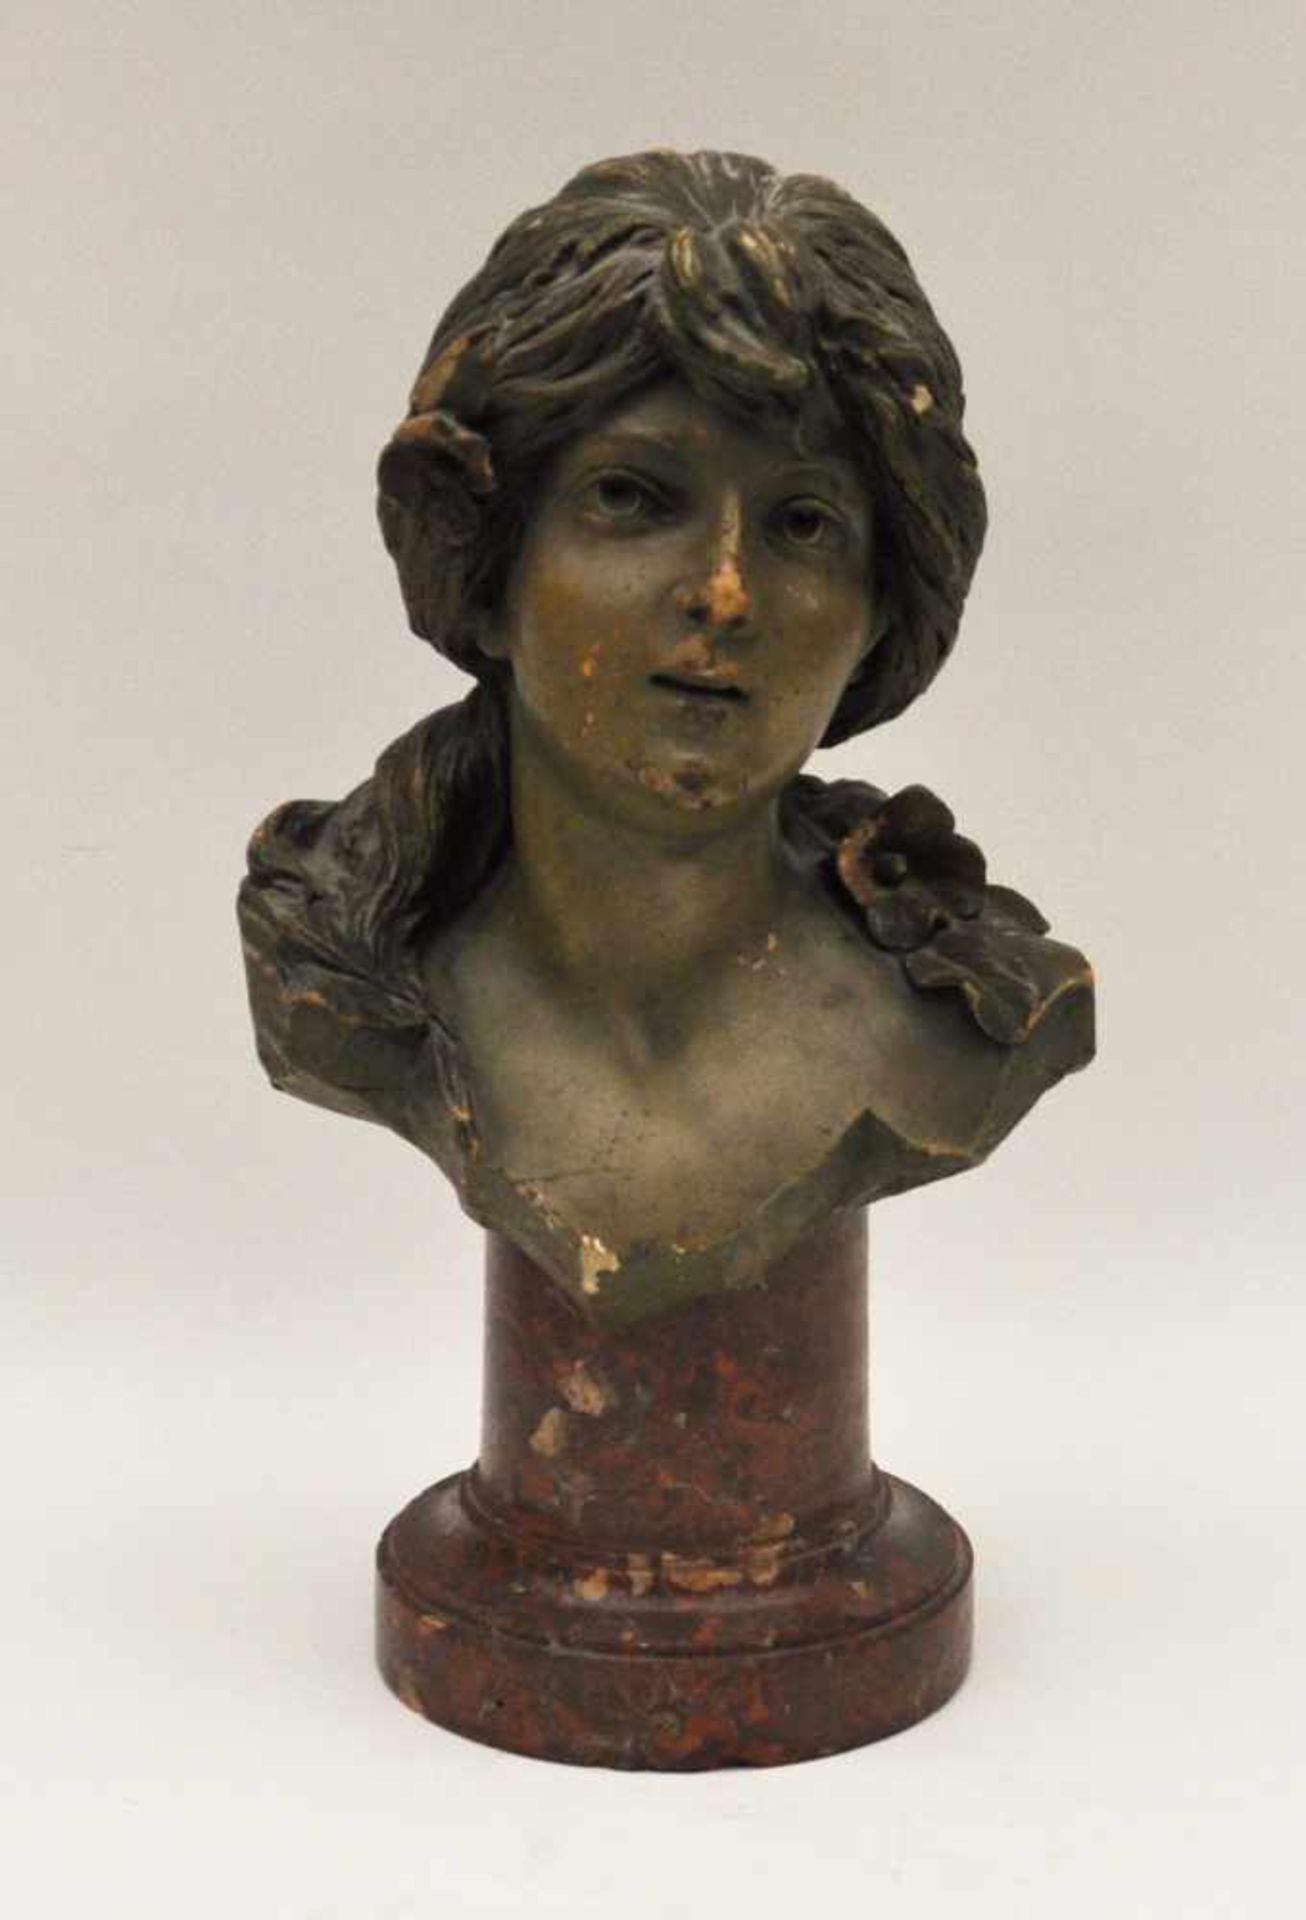 Los 5 - Büste, Frankreich um 1900,Kopf eines jungen Mädchens, Terracotta, Höhe 33 cm, beschädigt